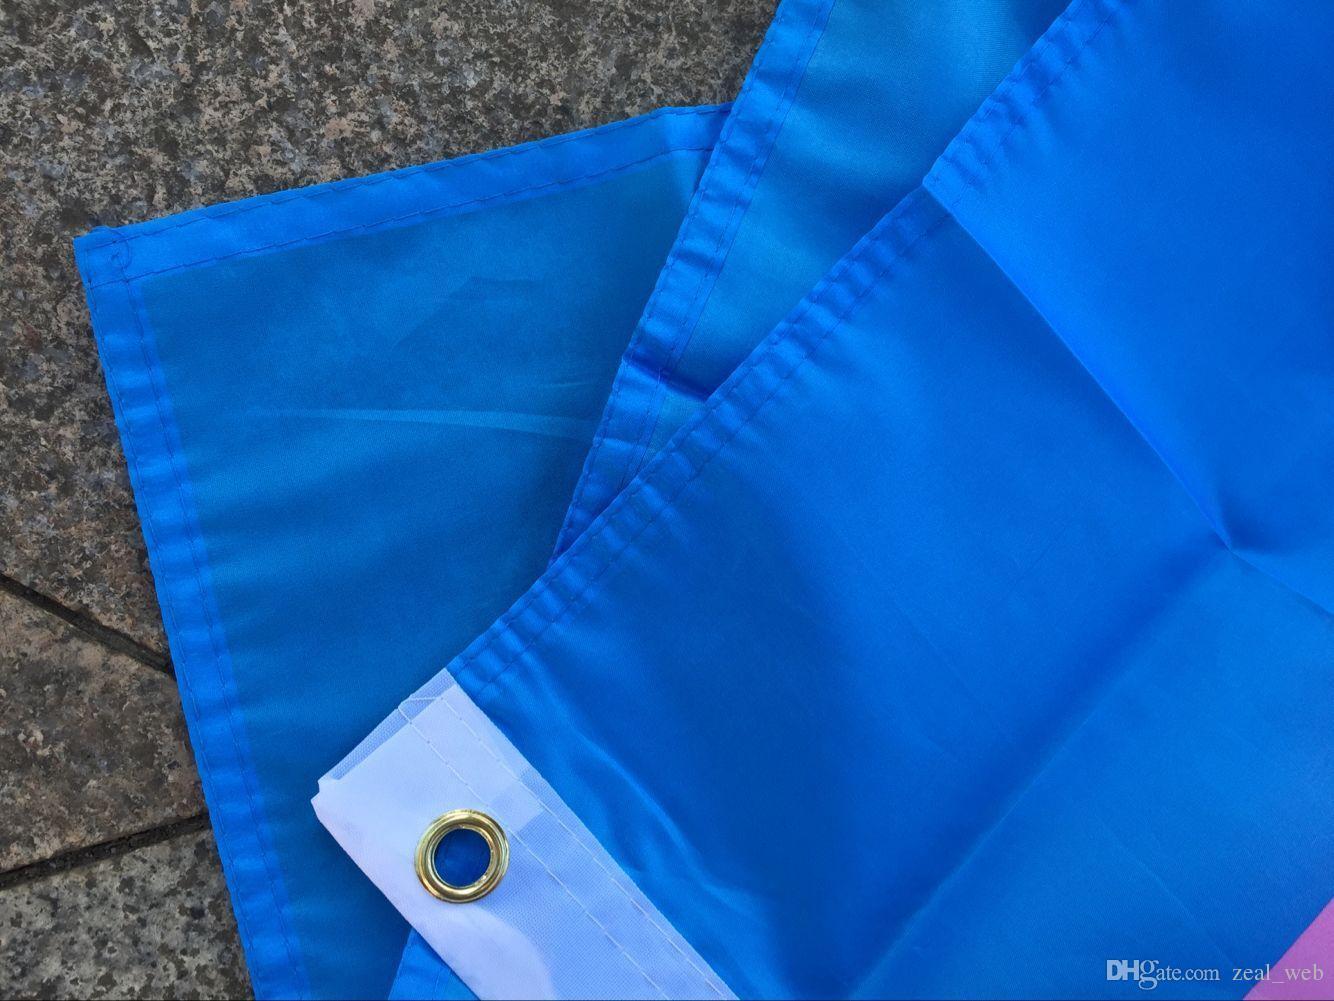 Bandera transgénero de 3x5 pies Banderas rosadas del arco iris azul Banderas de la bandera del orgullo LGBT Encabezado de lona de poliéster y doble costura